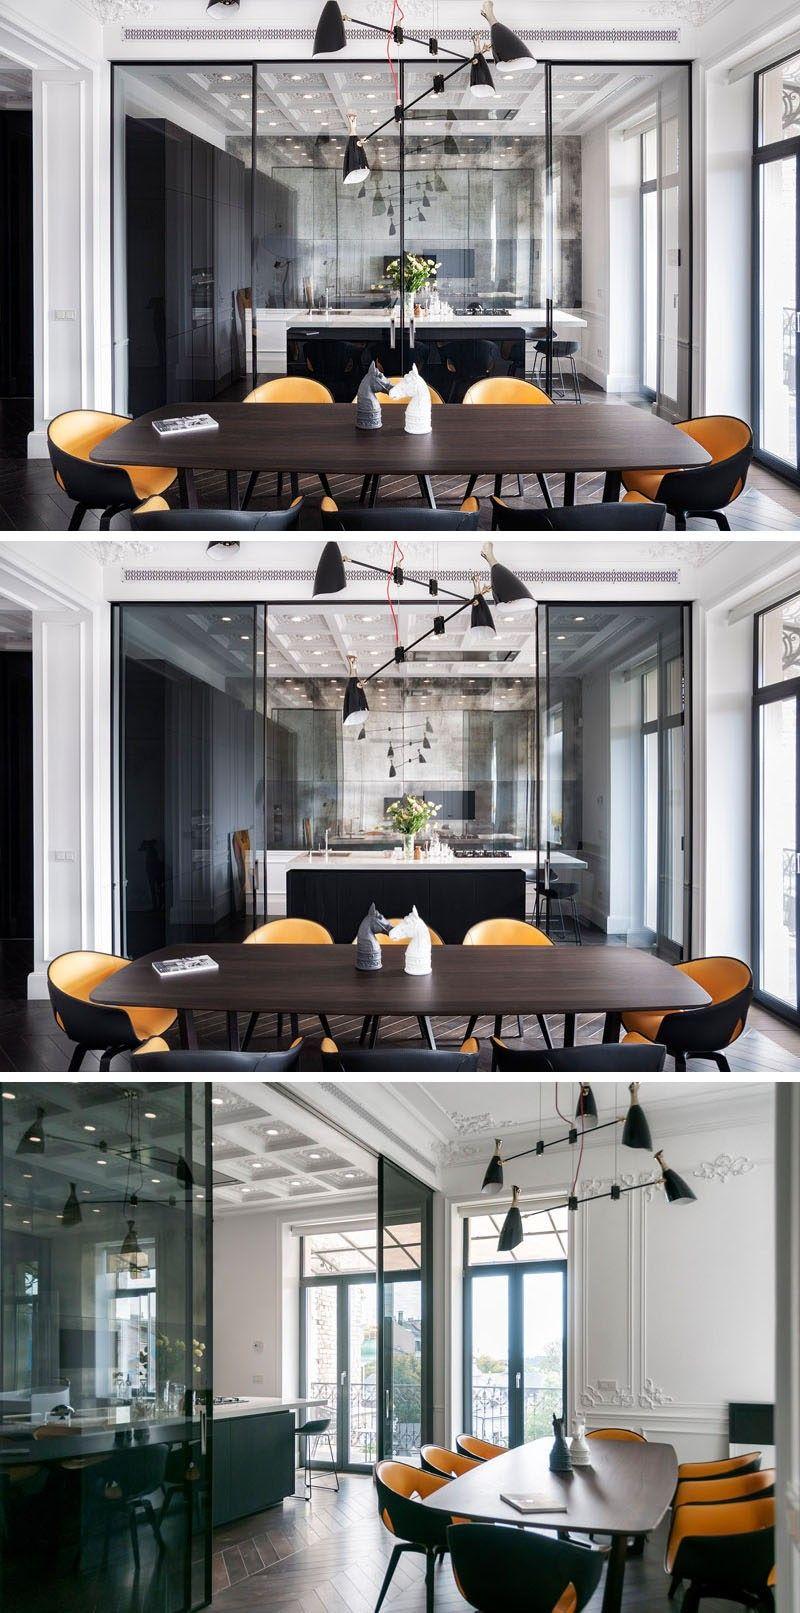 diese k che verbirgt sich hinter get nten abstellgleis. Black Bedroom Furniture Sets. Home Design Ideas